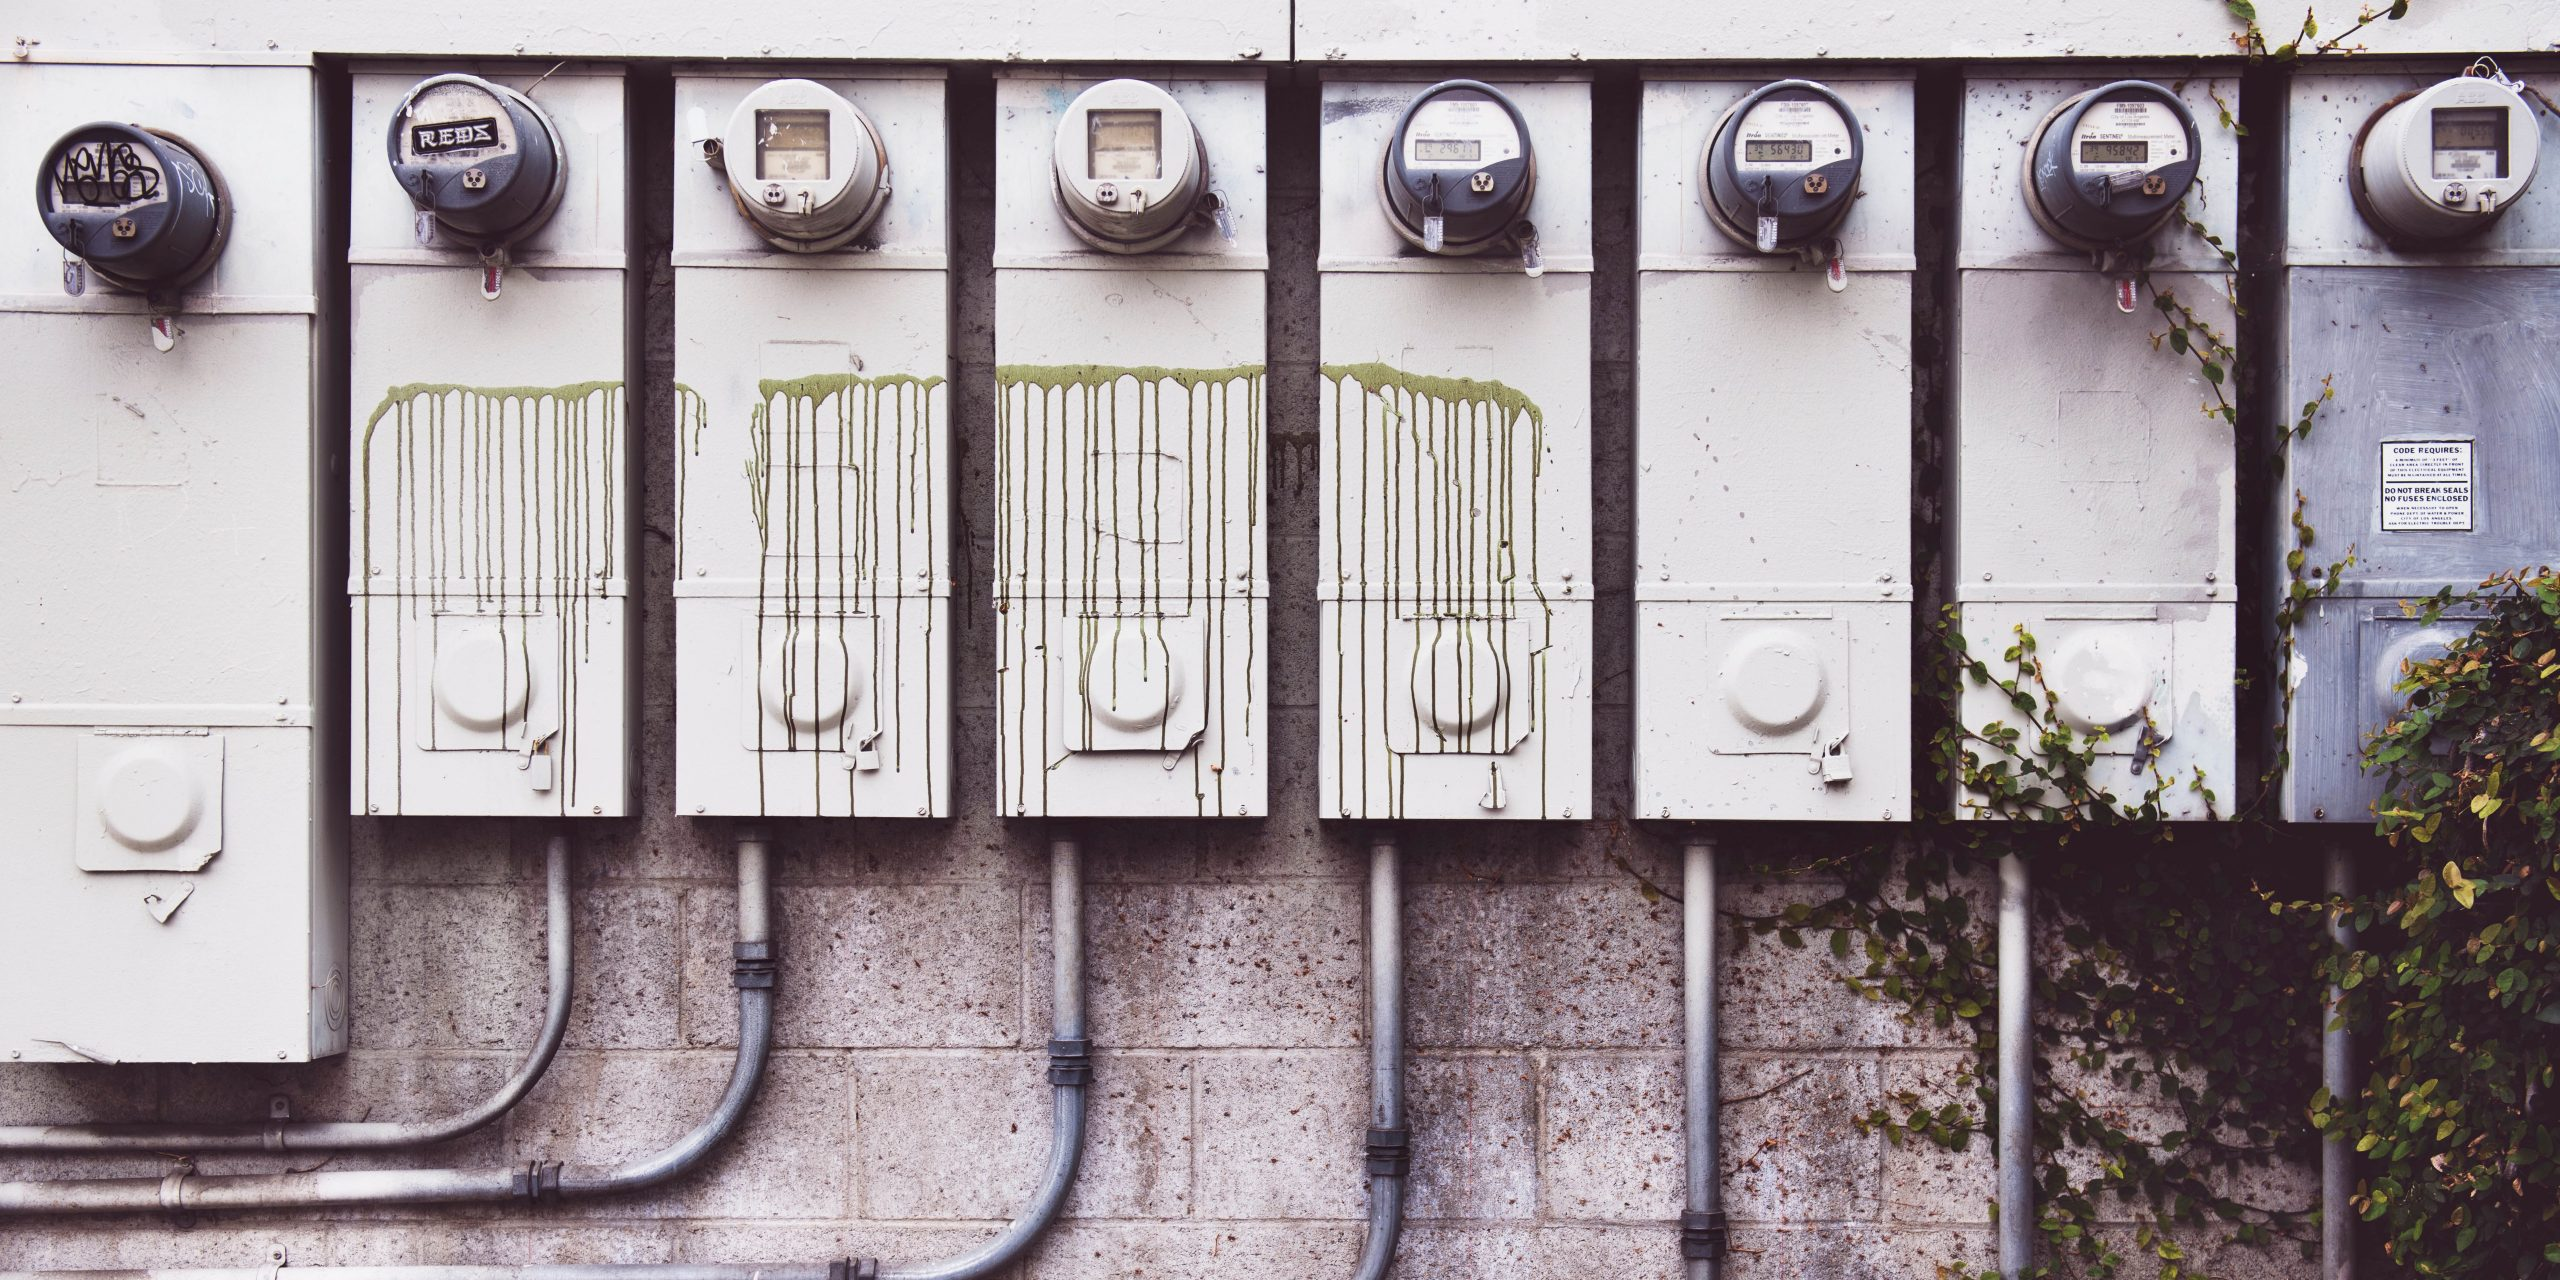 «Микрон» и «Булат» выпустят первый российский интеллектуальный счетчик электроэнергии